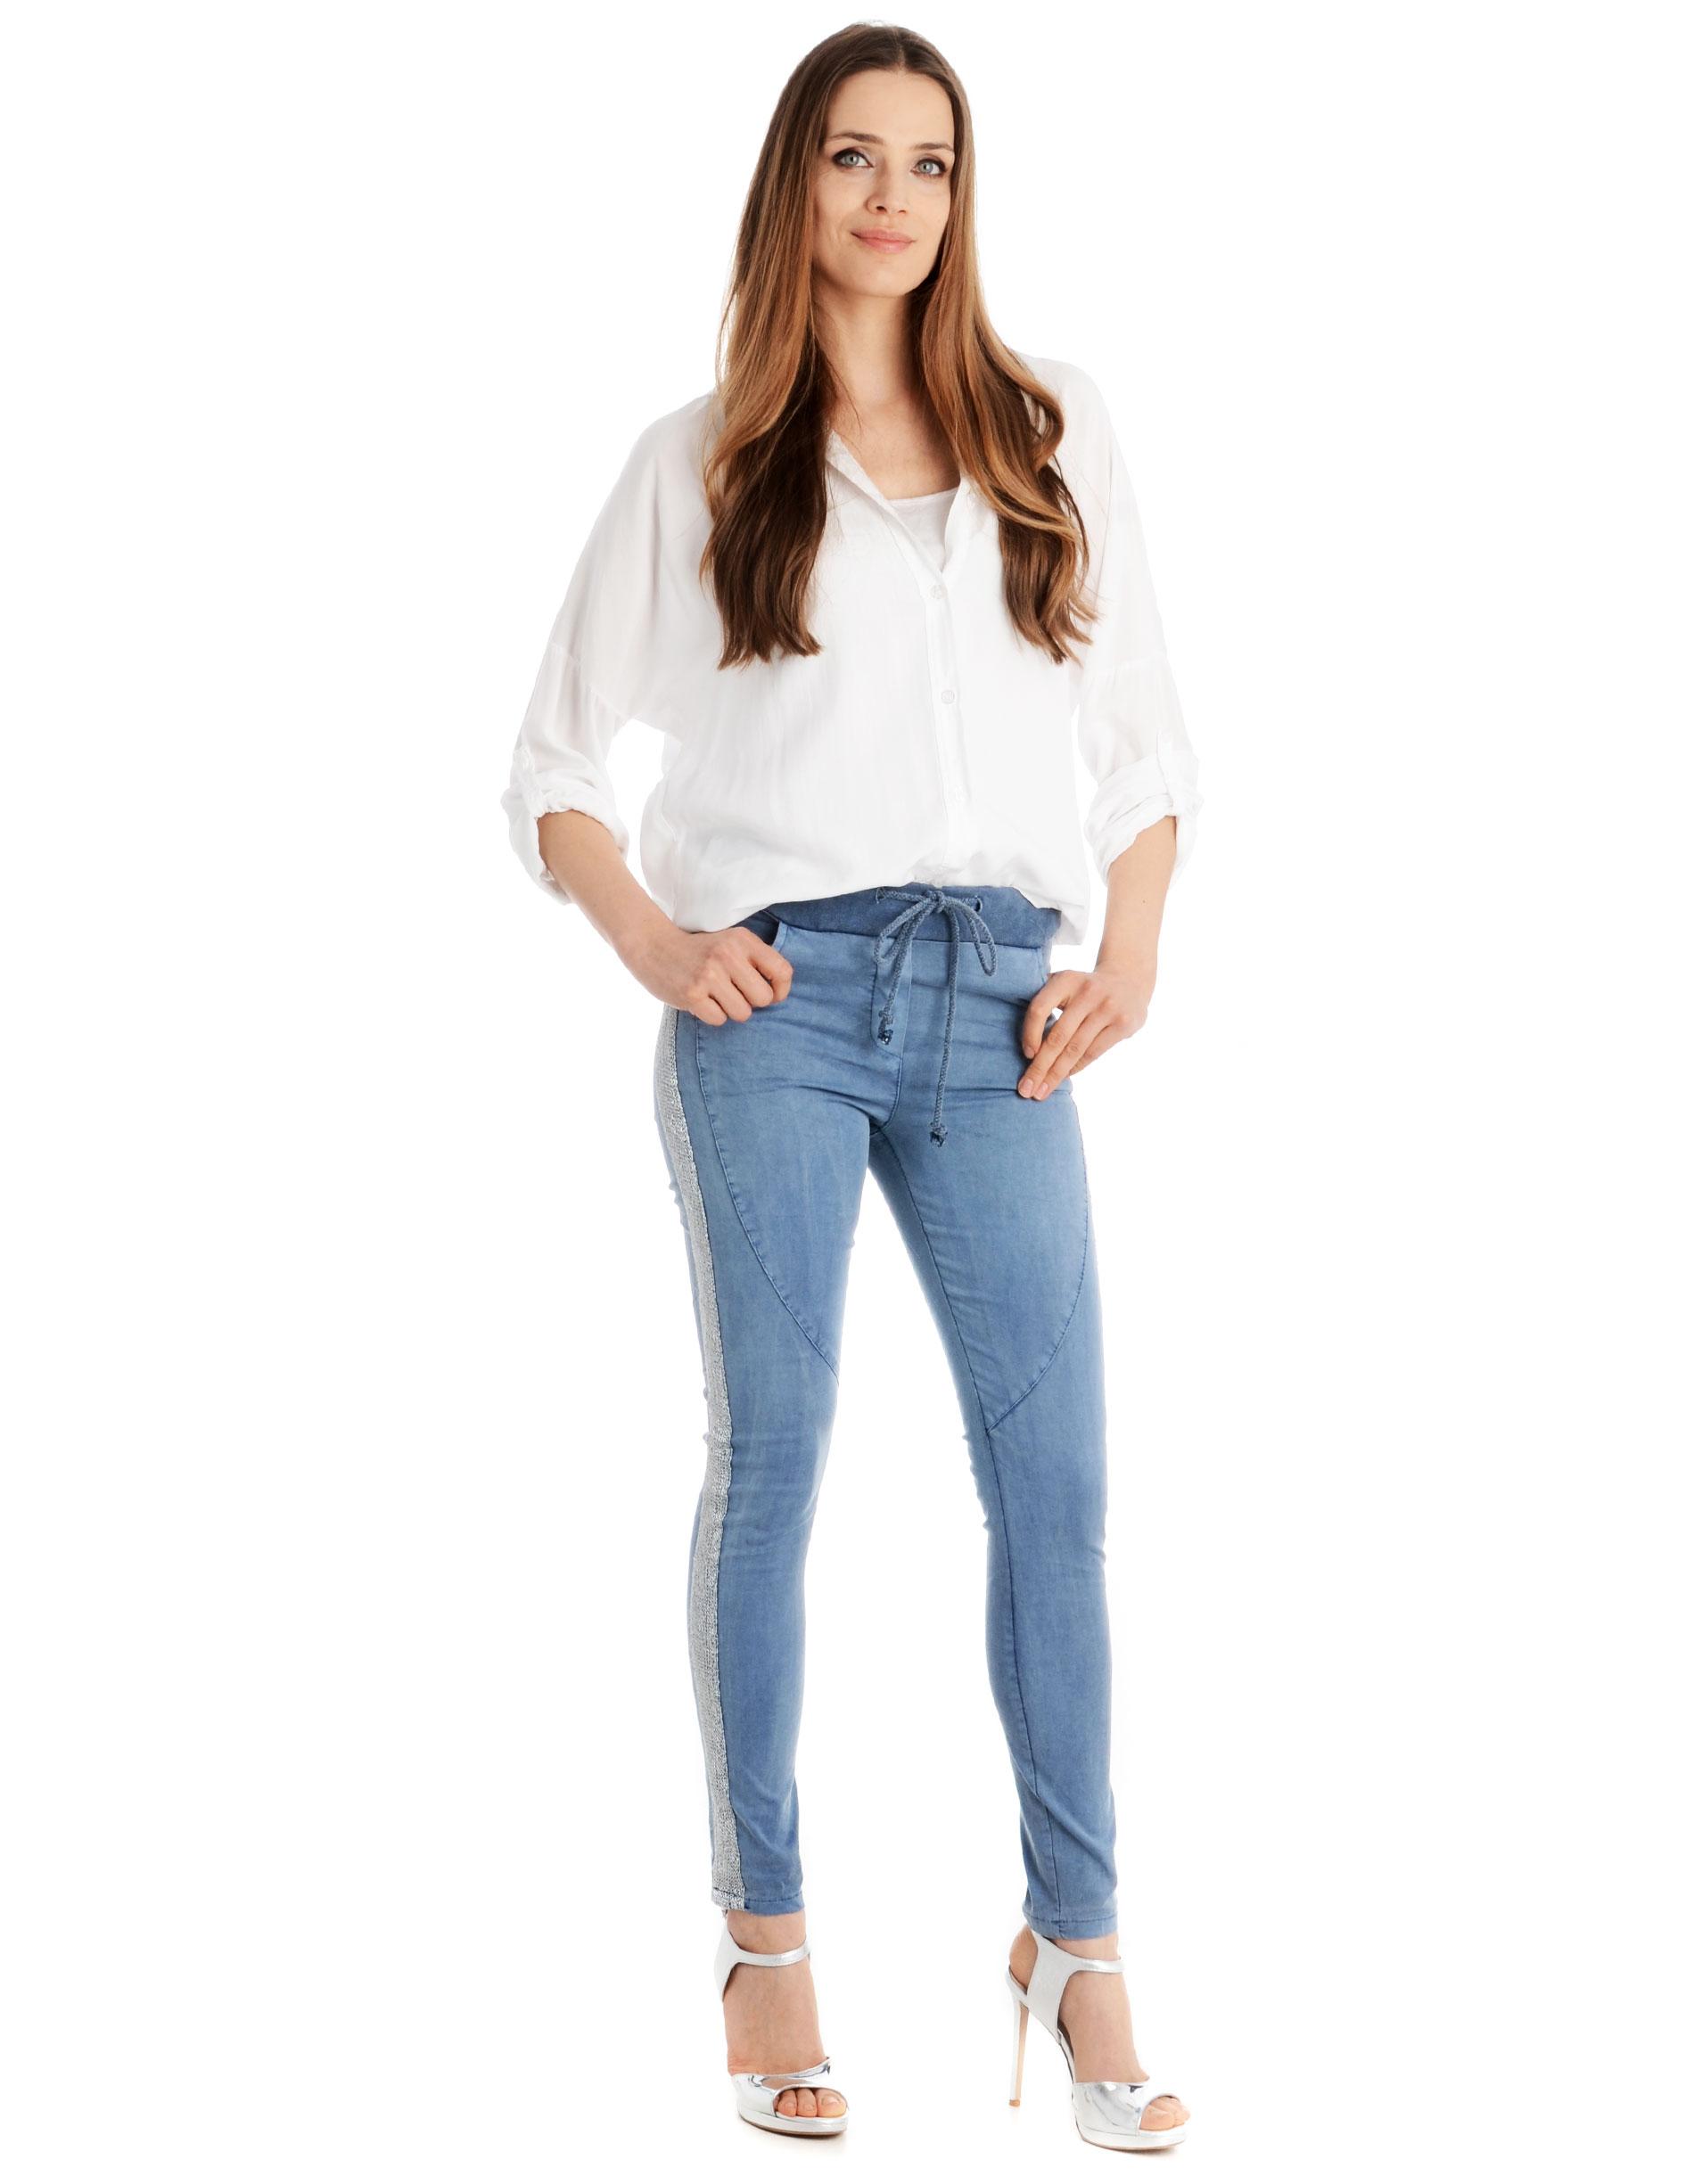 Spodnie - 141-1181 JEAN - Unisono